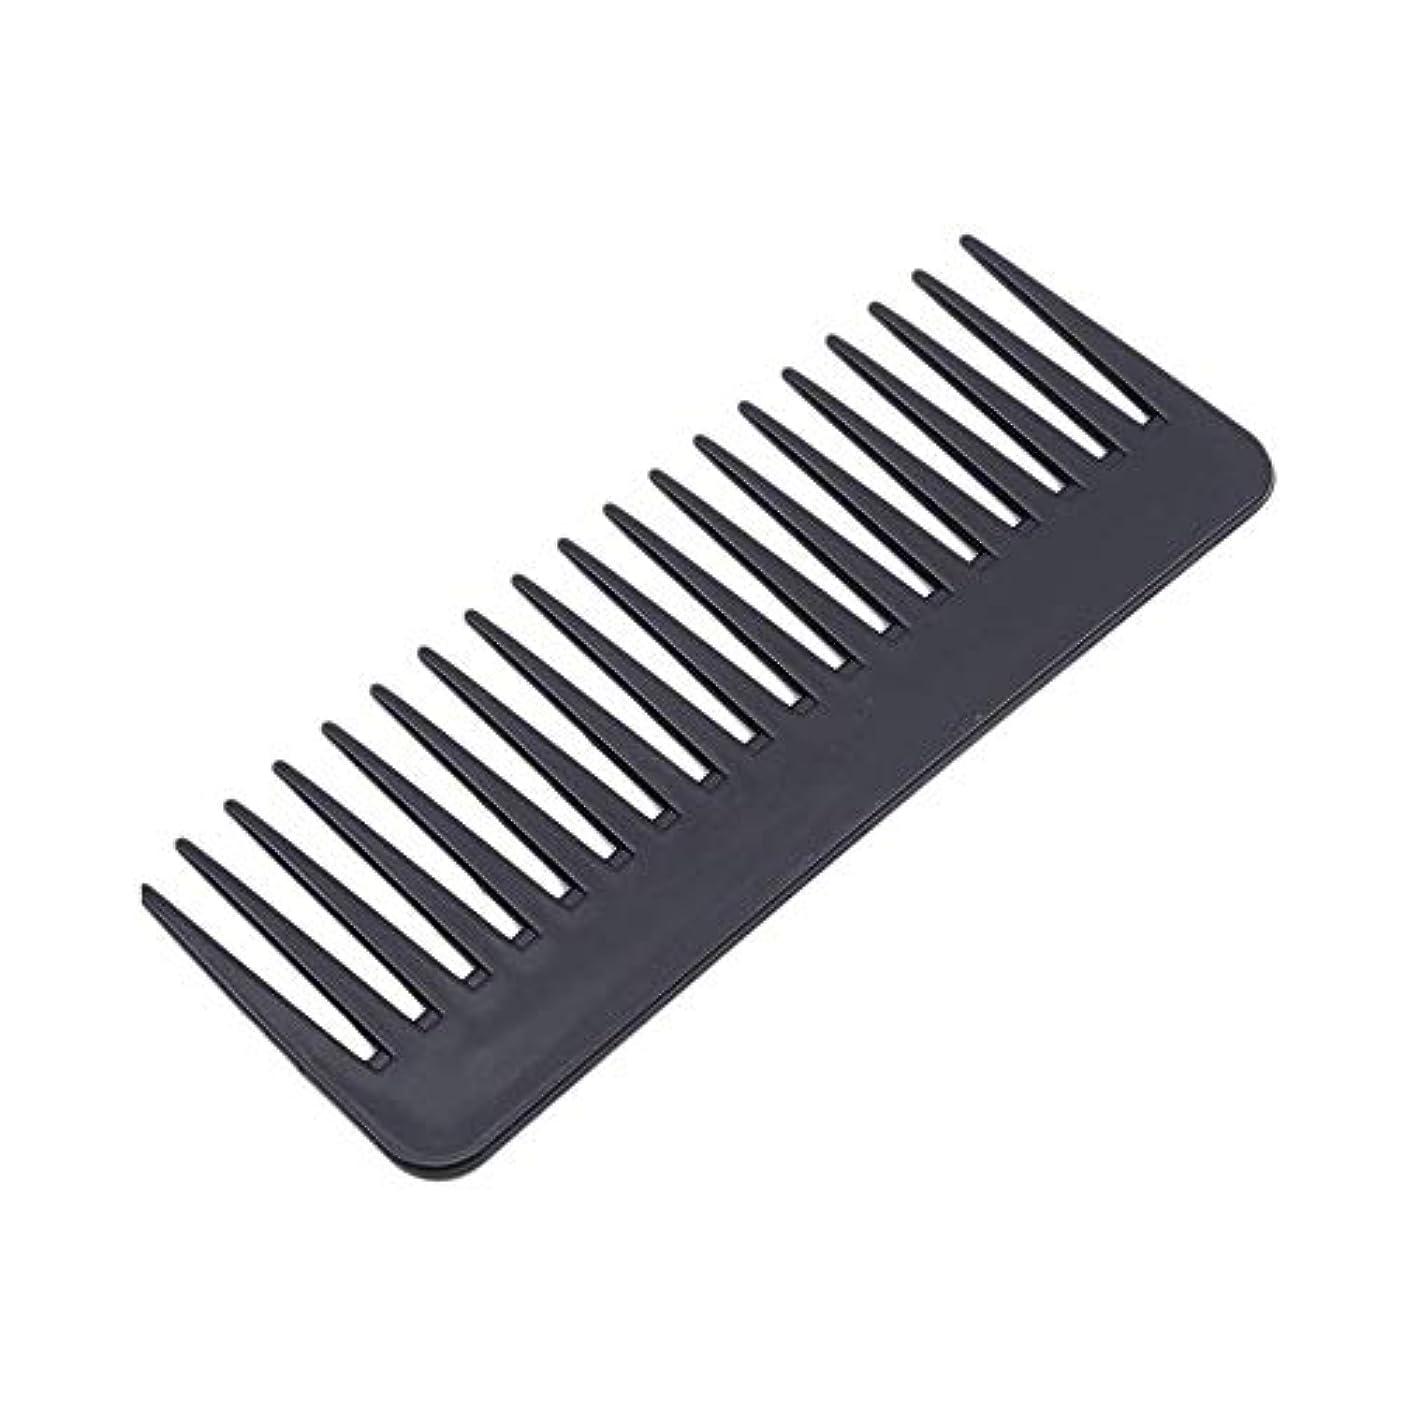 増強明らかにベーコン1st market 広い歯の櫛の腹筋理髪ツールの ための耐熱性プラスチック大きな歯の櫛